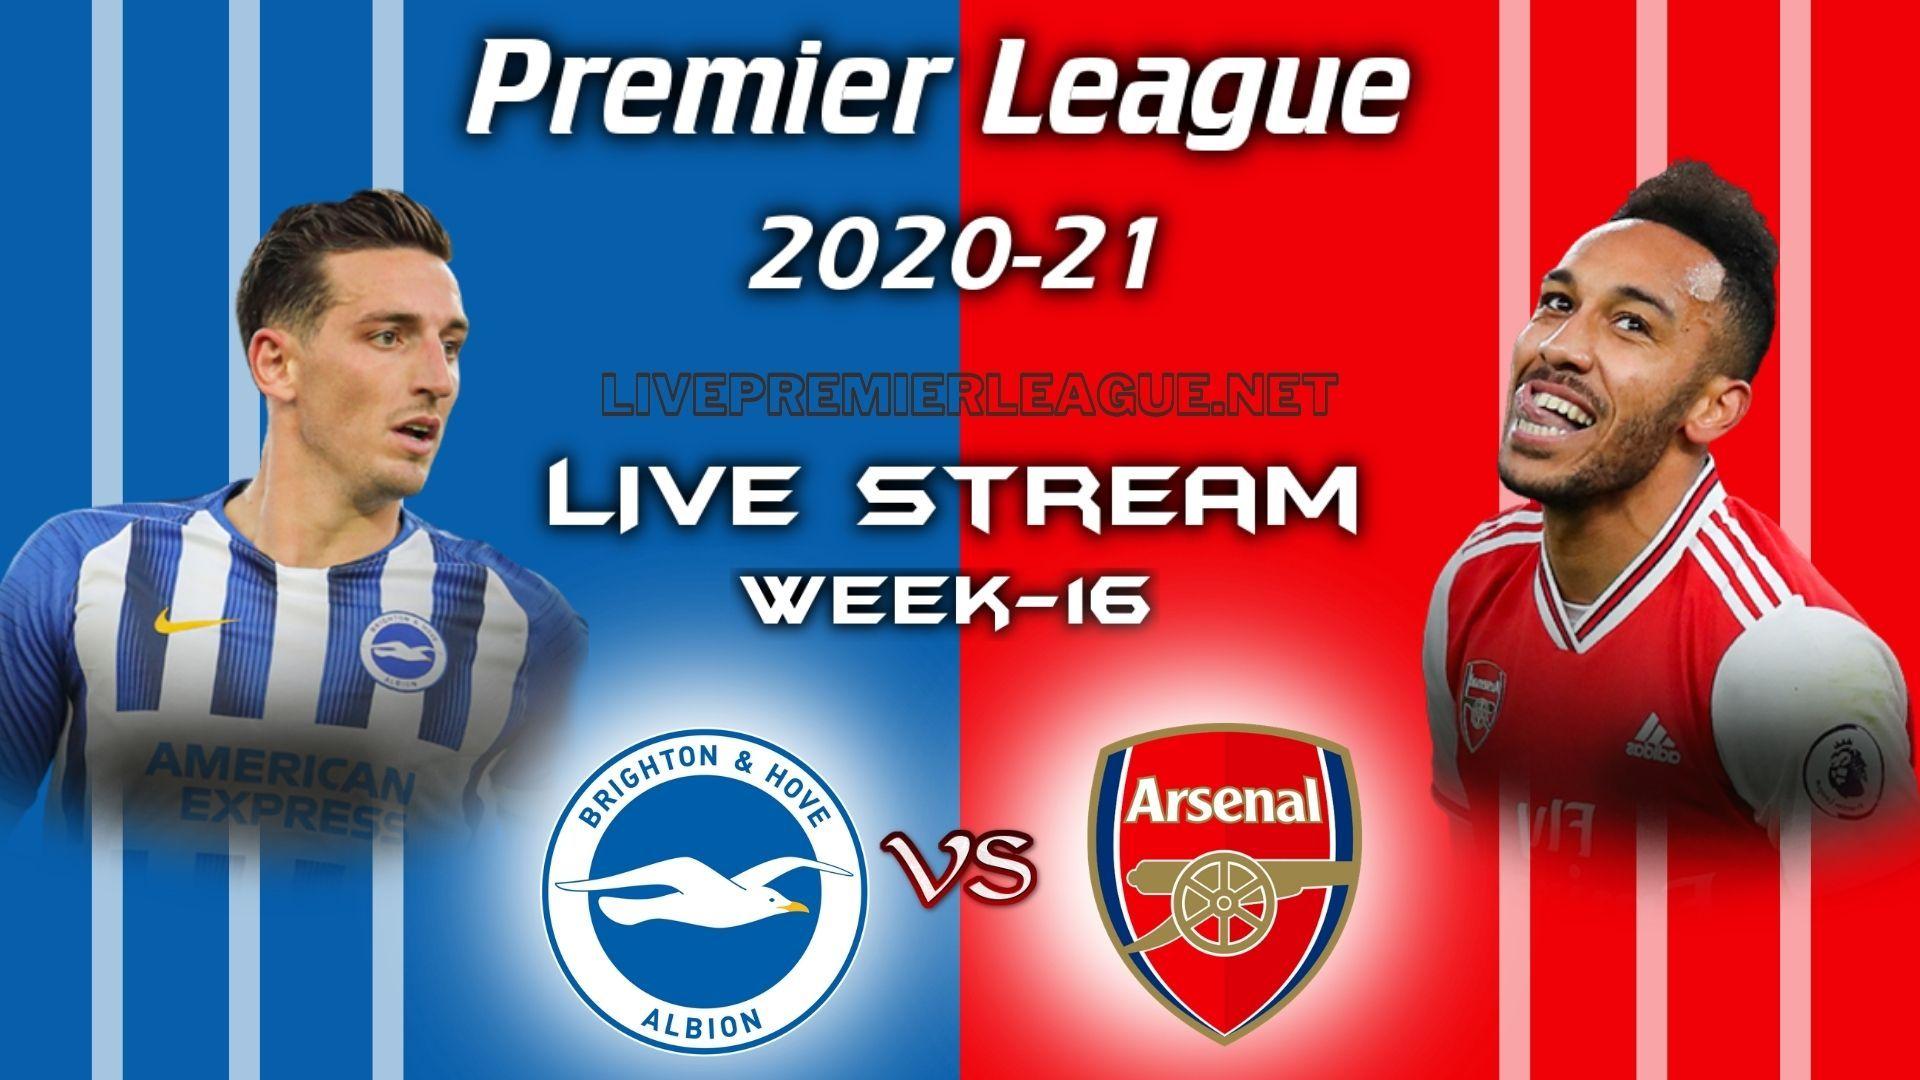 Brighton And Hove Albion Vs Arsenal Live Stream 2020 Week 16 In 2020 Arsenal Live Brighton Hove Albion Arsenal